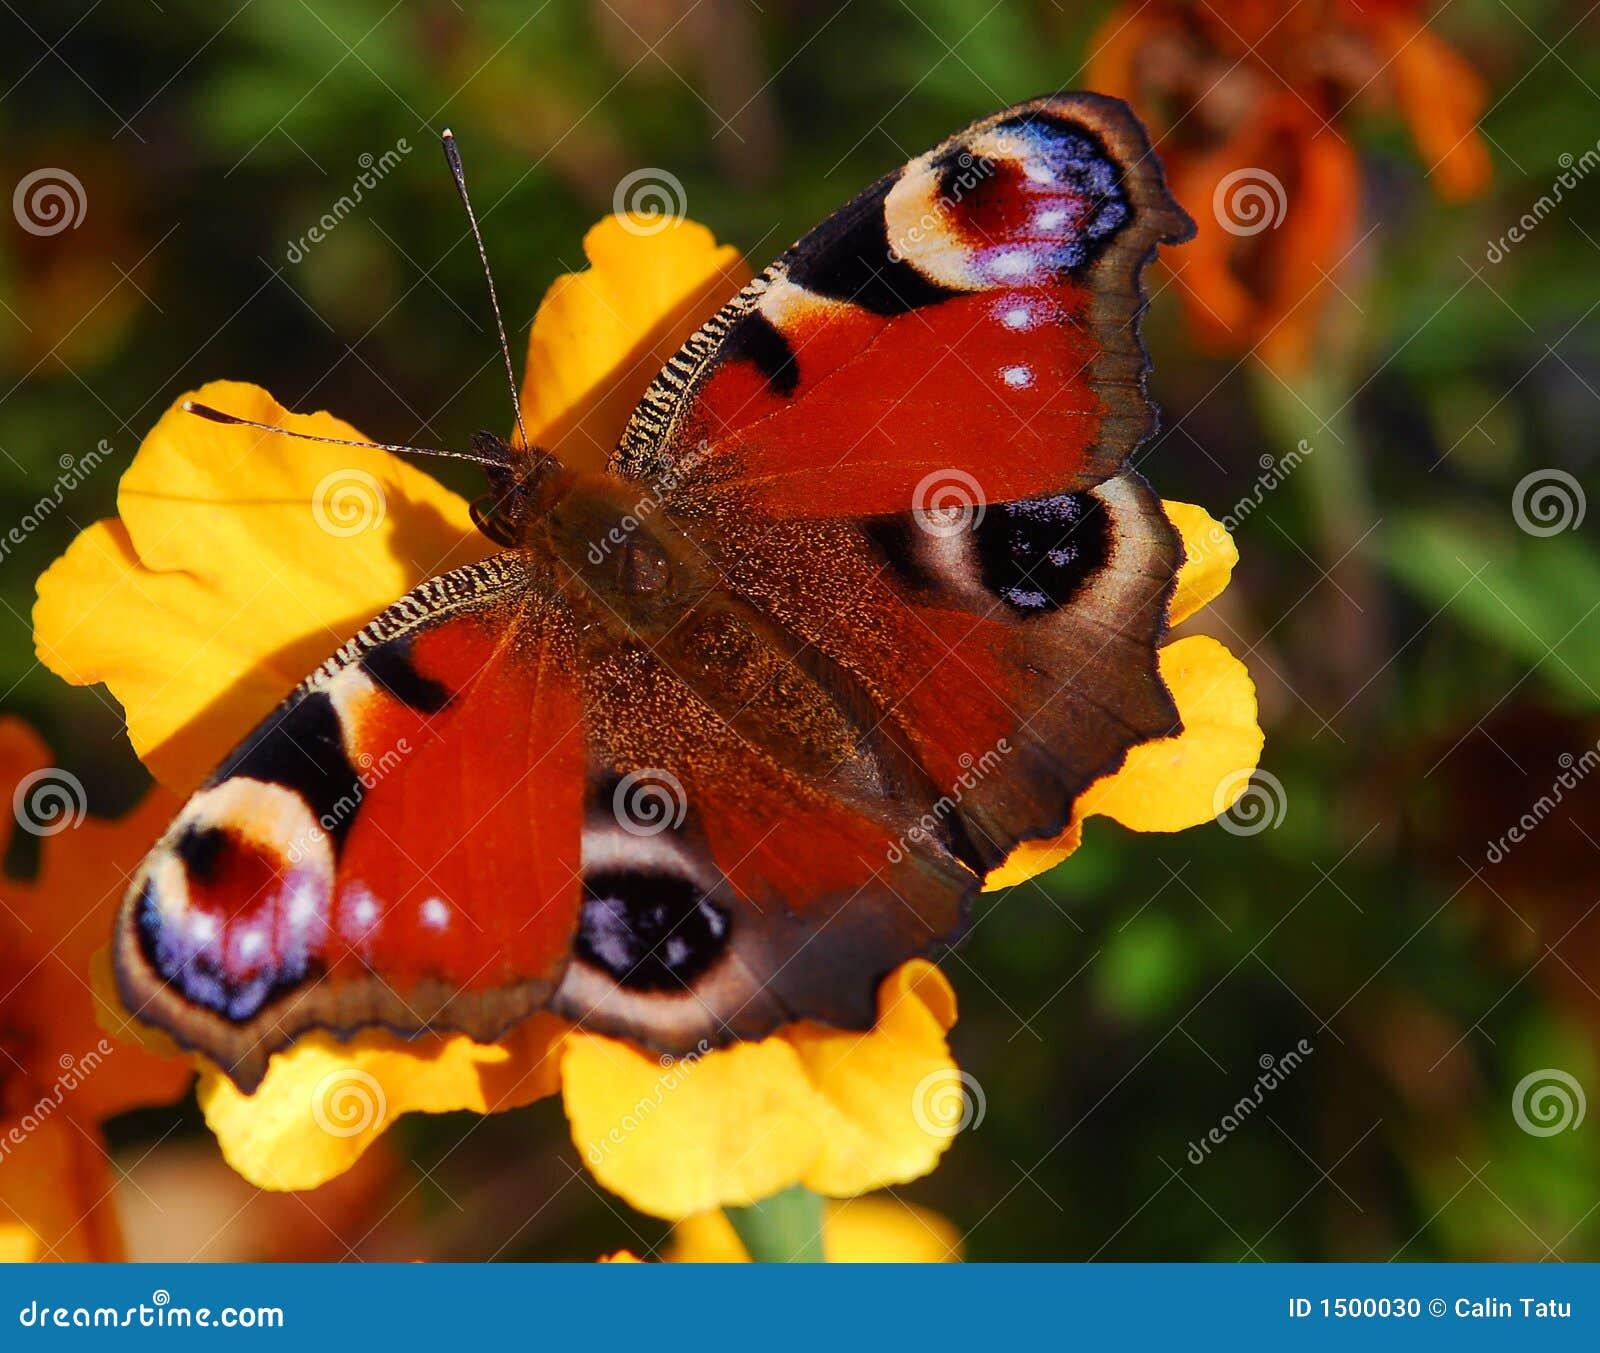 Peacock butterfly on orange flower